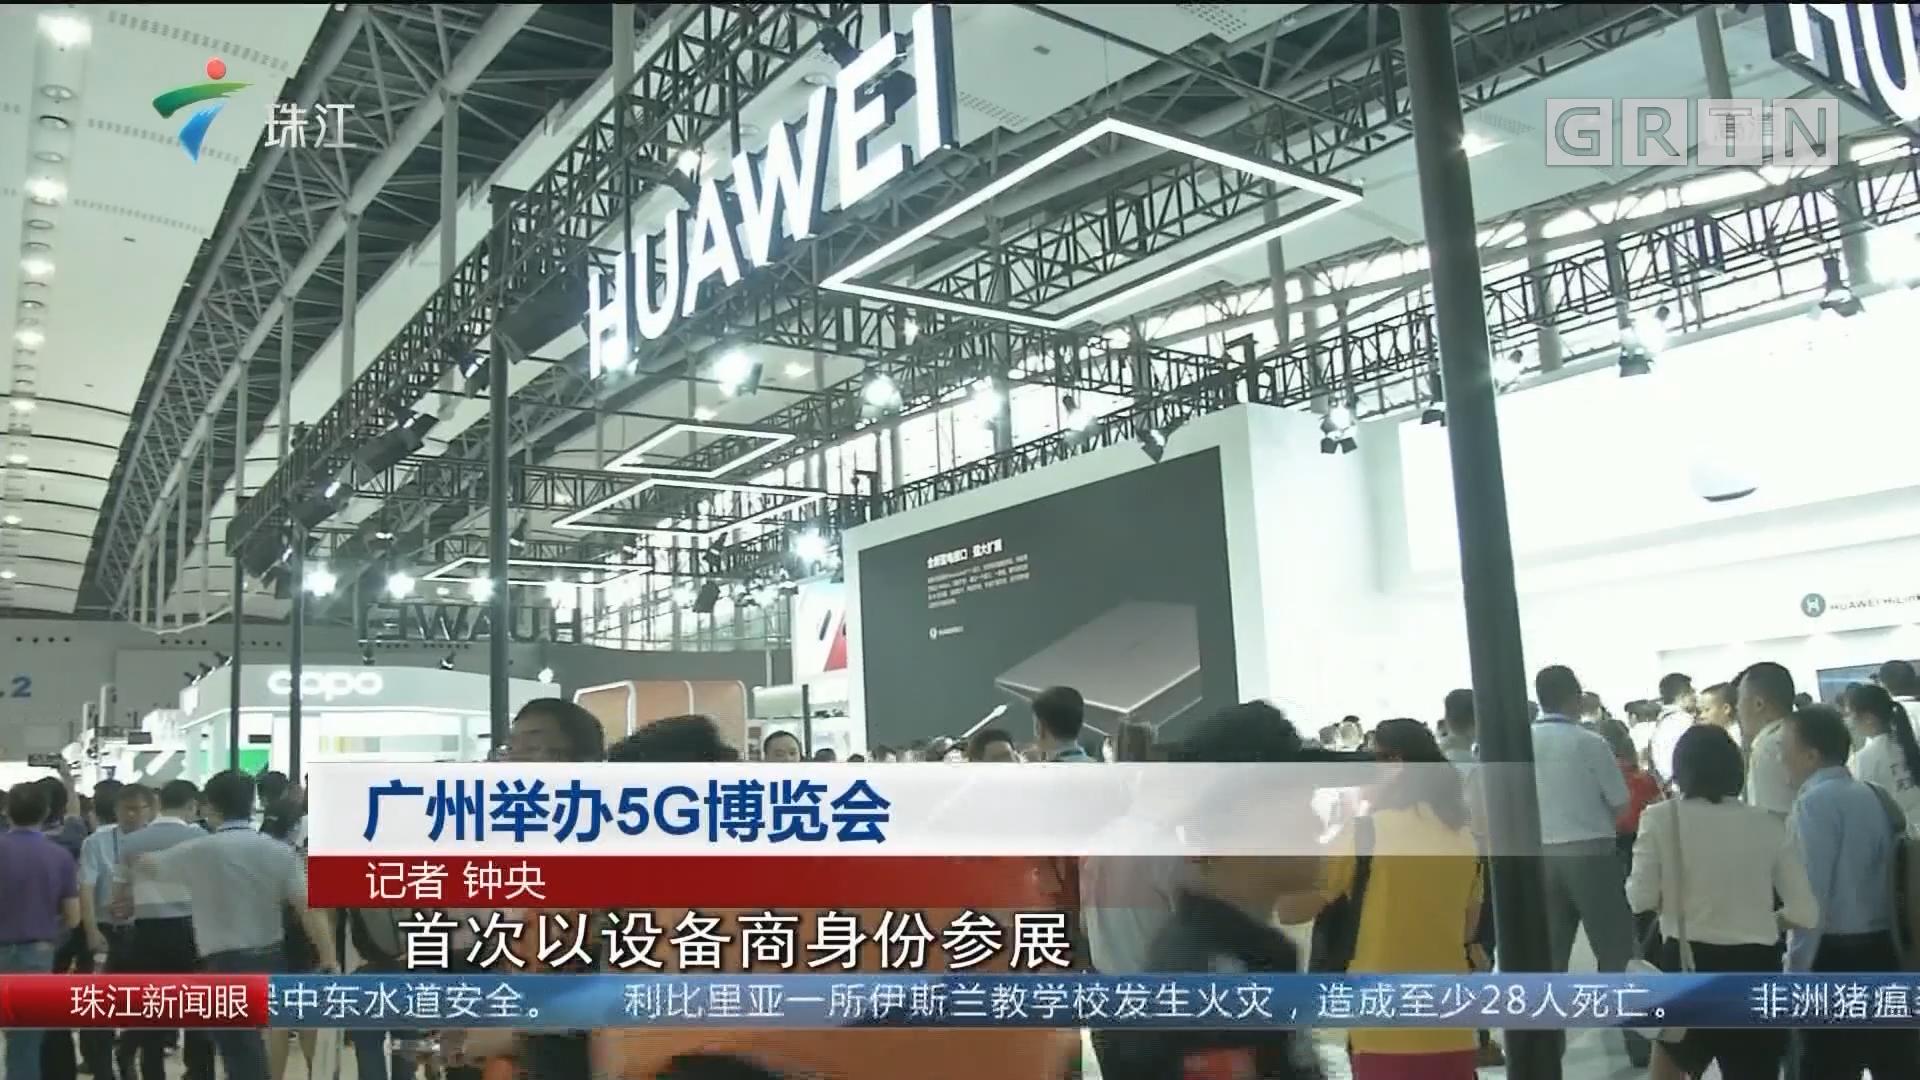 广州举办5G博览会